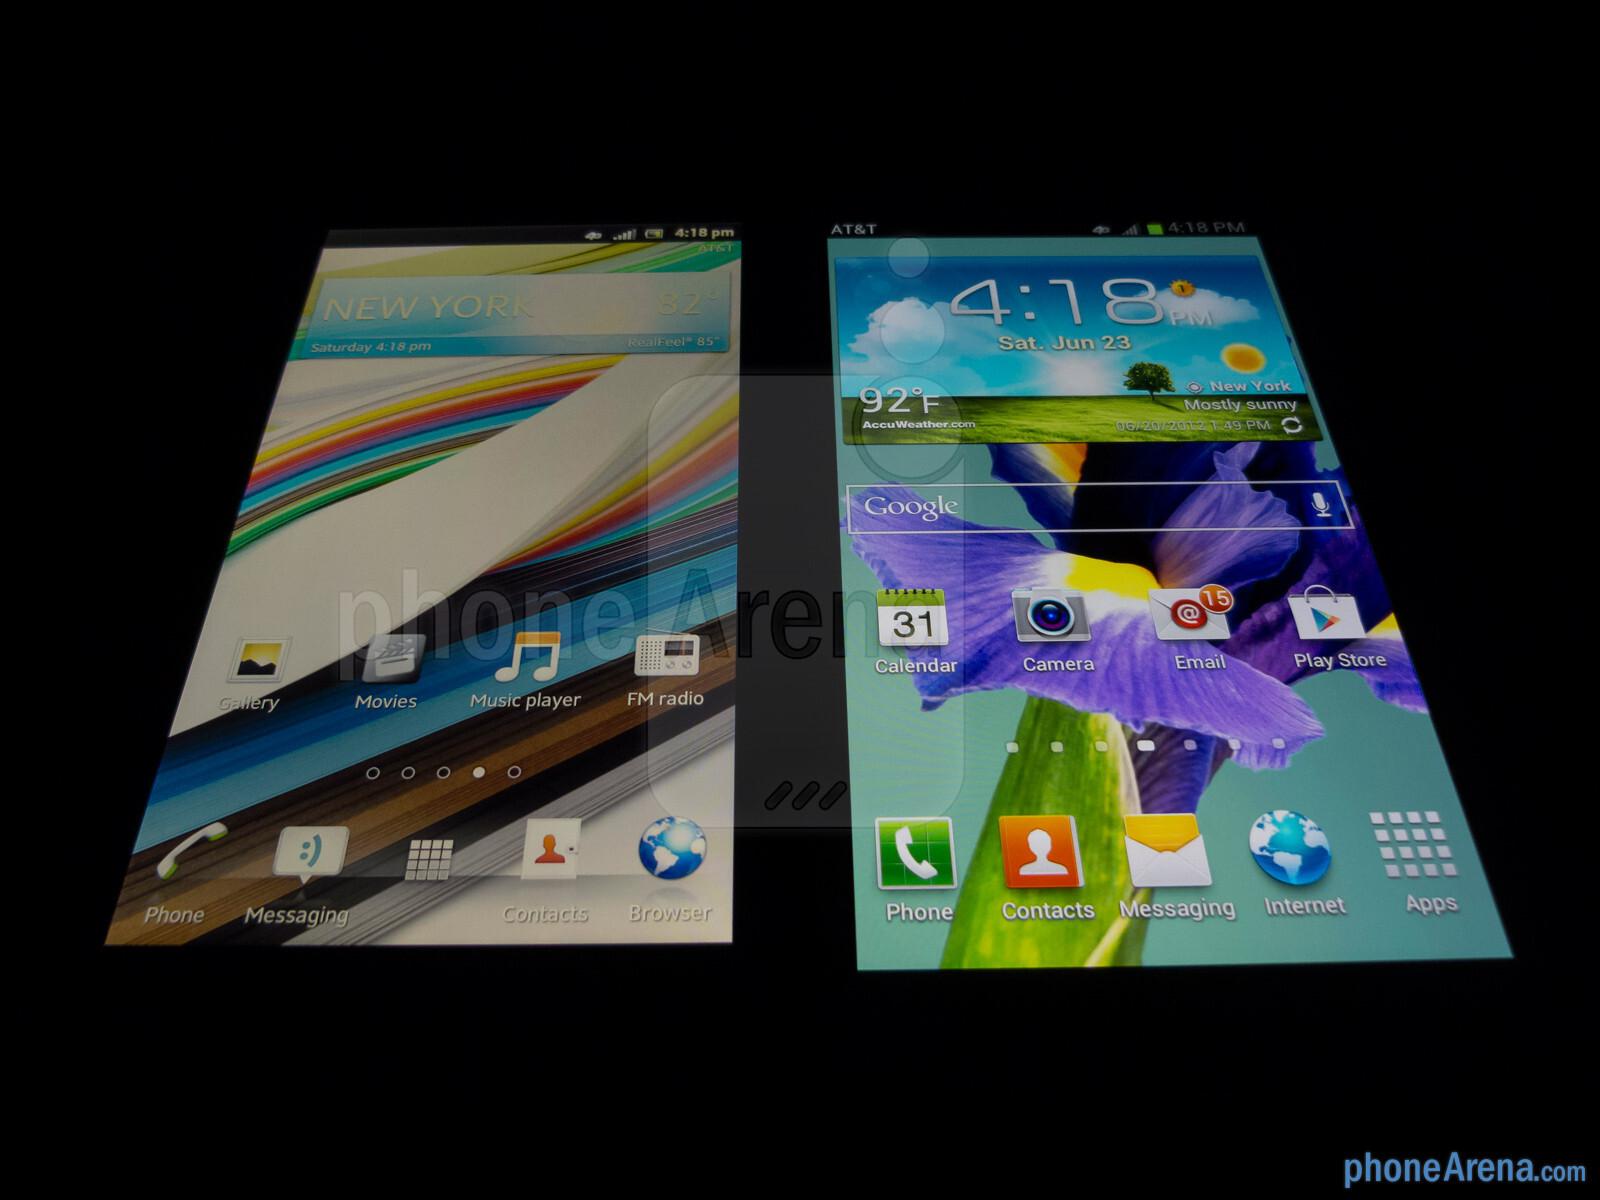 Samsung Galaxy S III Right Sony Xperia Ion Vs Samsung Galaxy S III